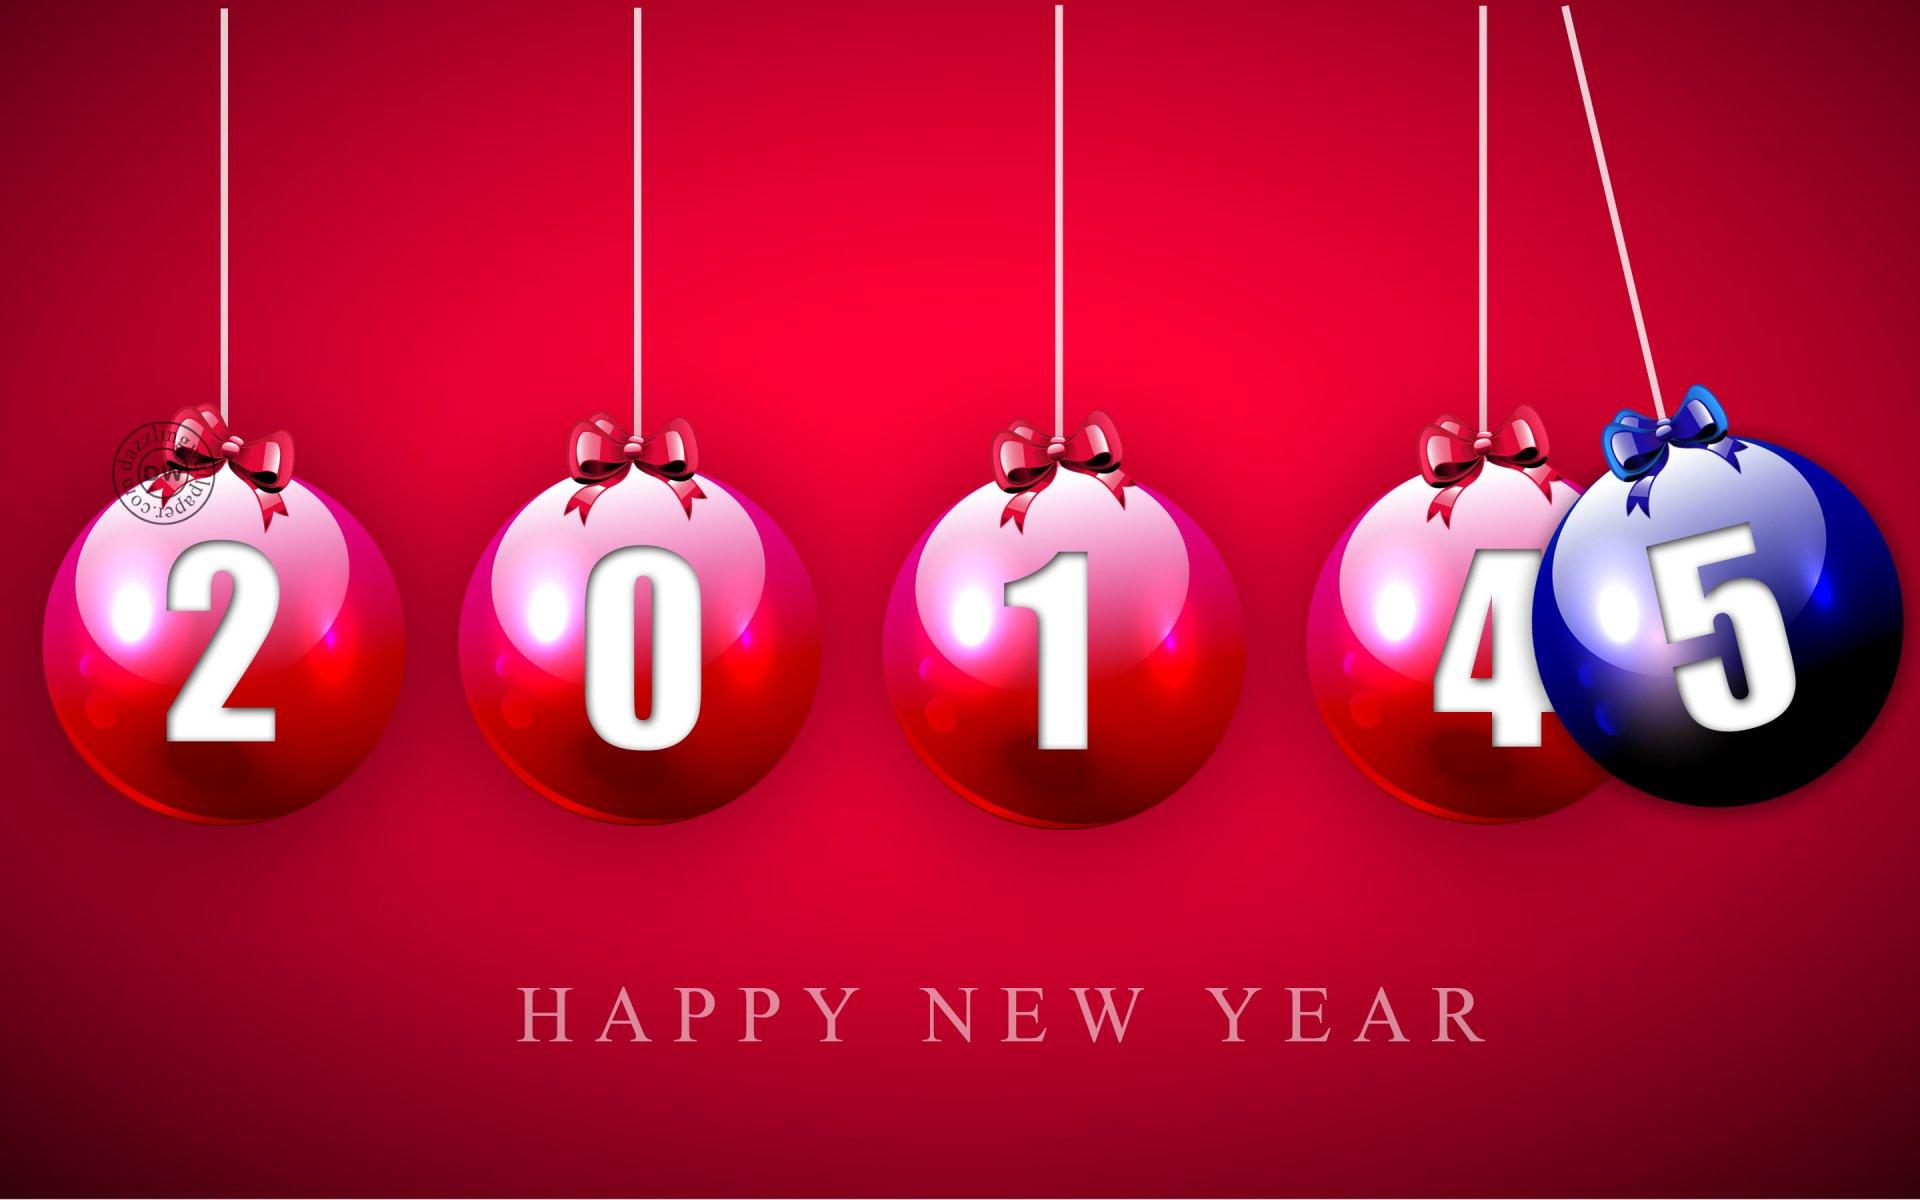 Надписью, картинка на новый год 2015